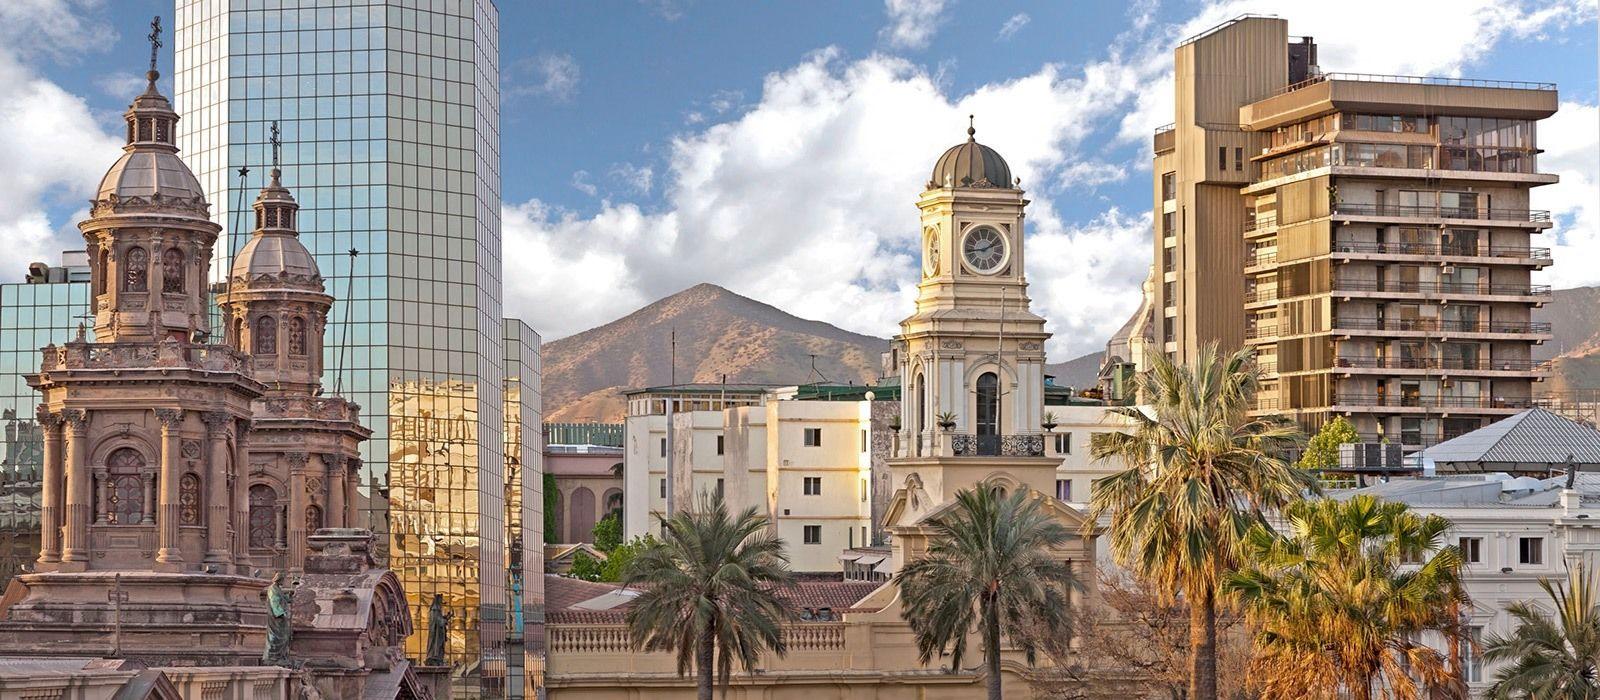 Destination Santiago de Chile Chile